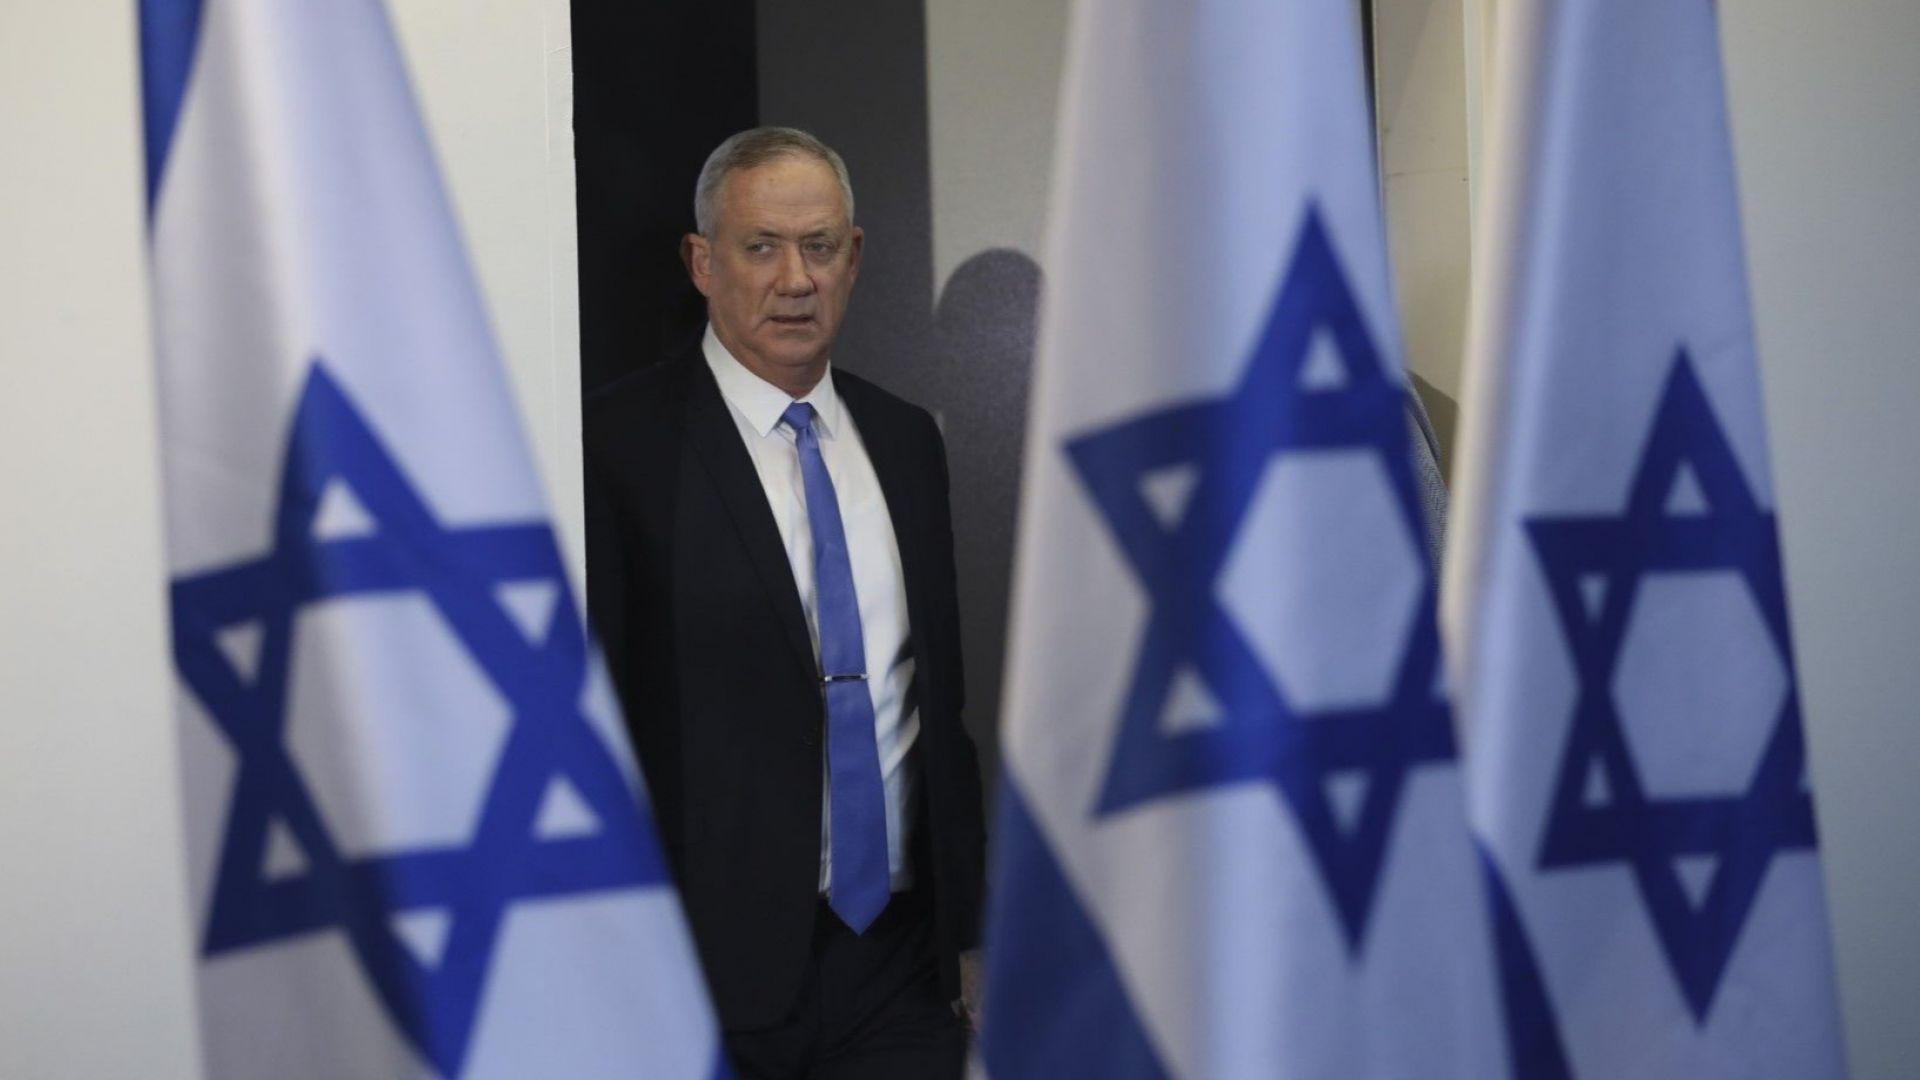 Бени Ганц, противникът на Нетаняху, също не можа да състави правителство